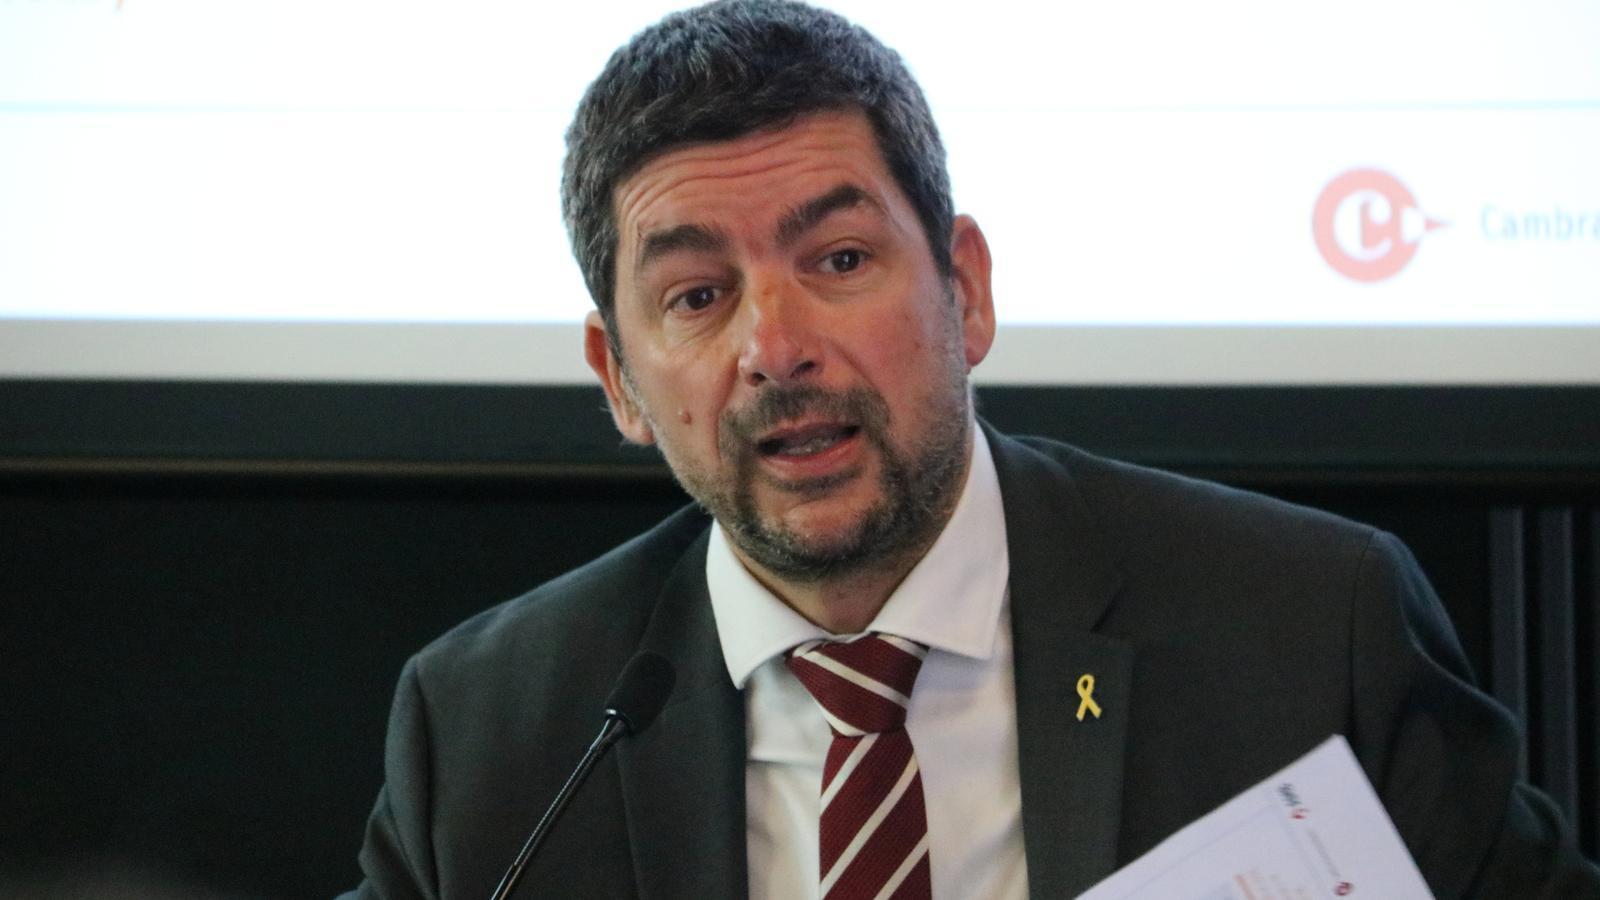 El president del Consell de Cambres de Catalunya, Joan Canadell, en una imatge del març passat.